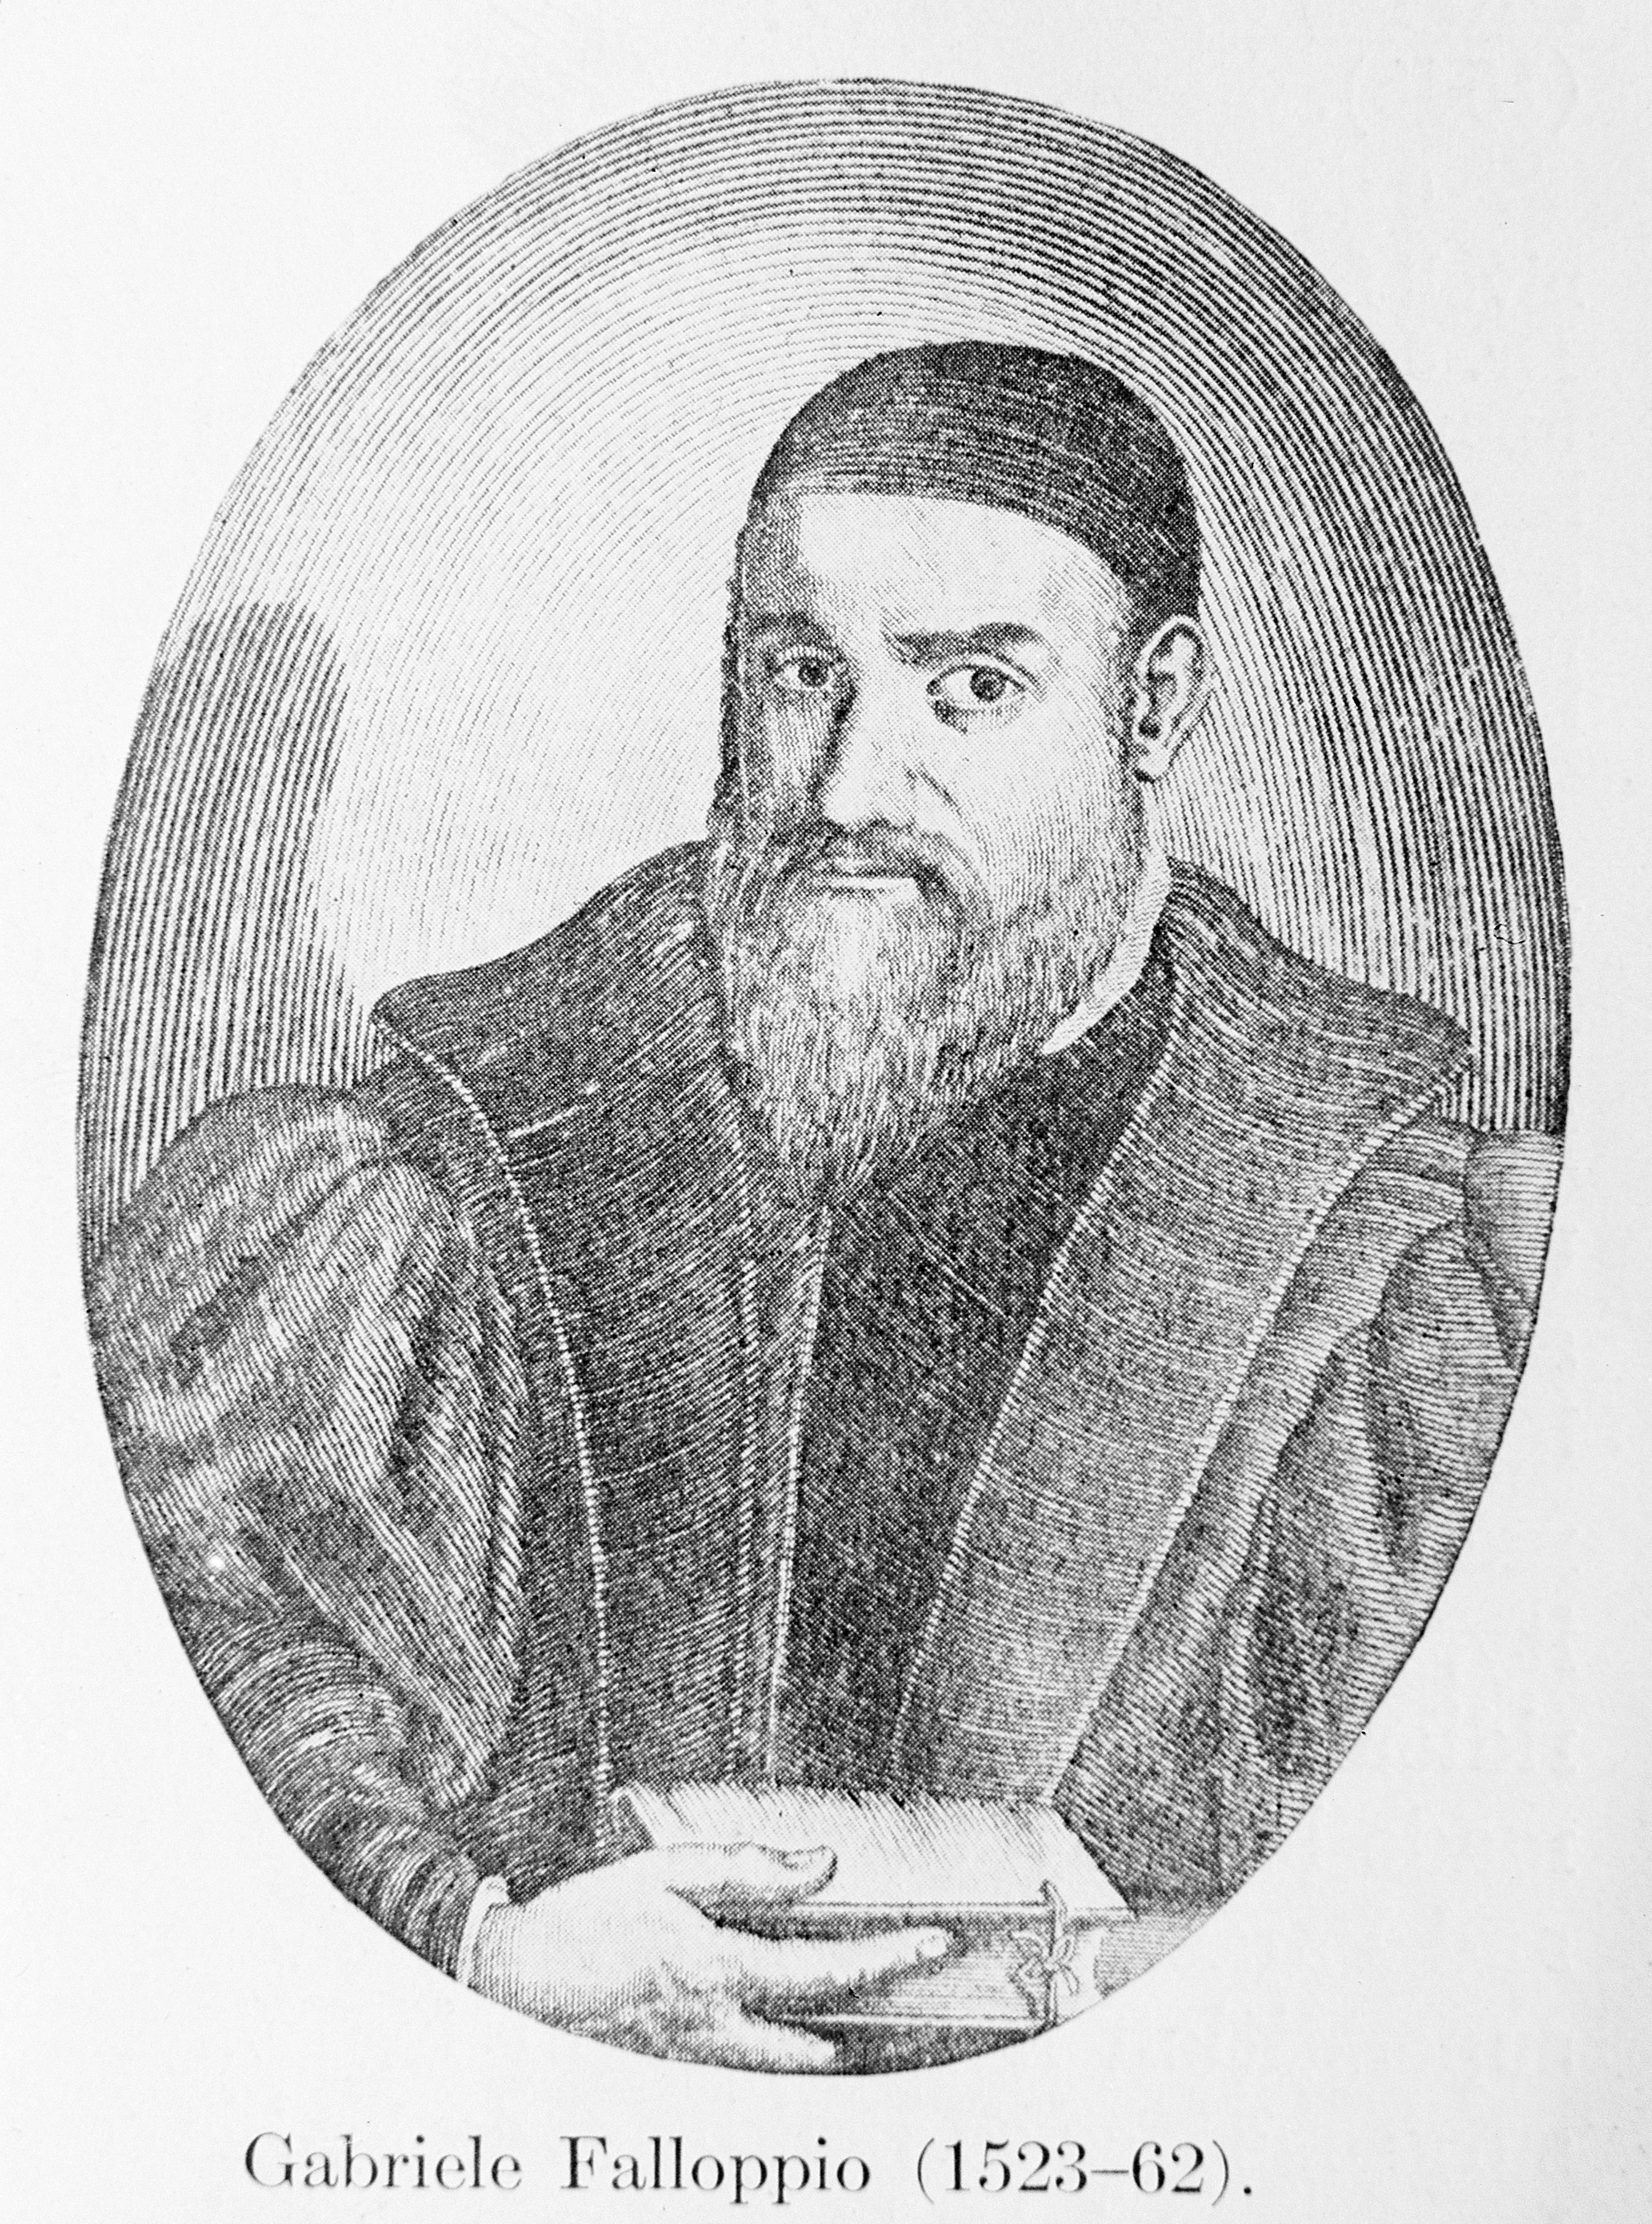 M0002609 Portrait of Gabriello Fallopio (1523-1562)